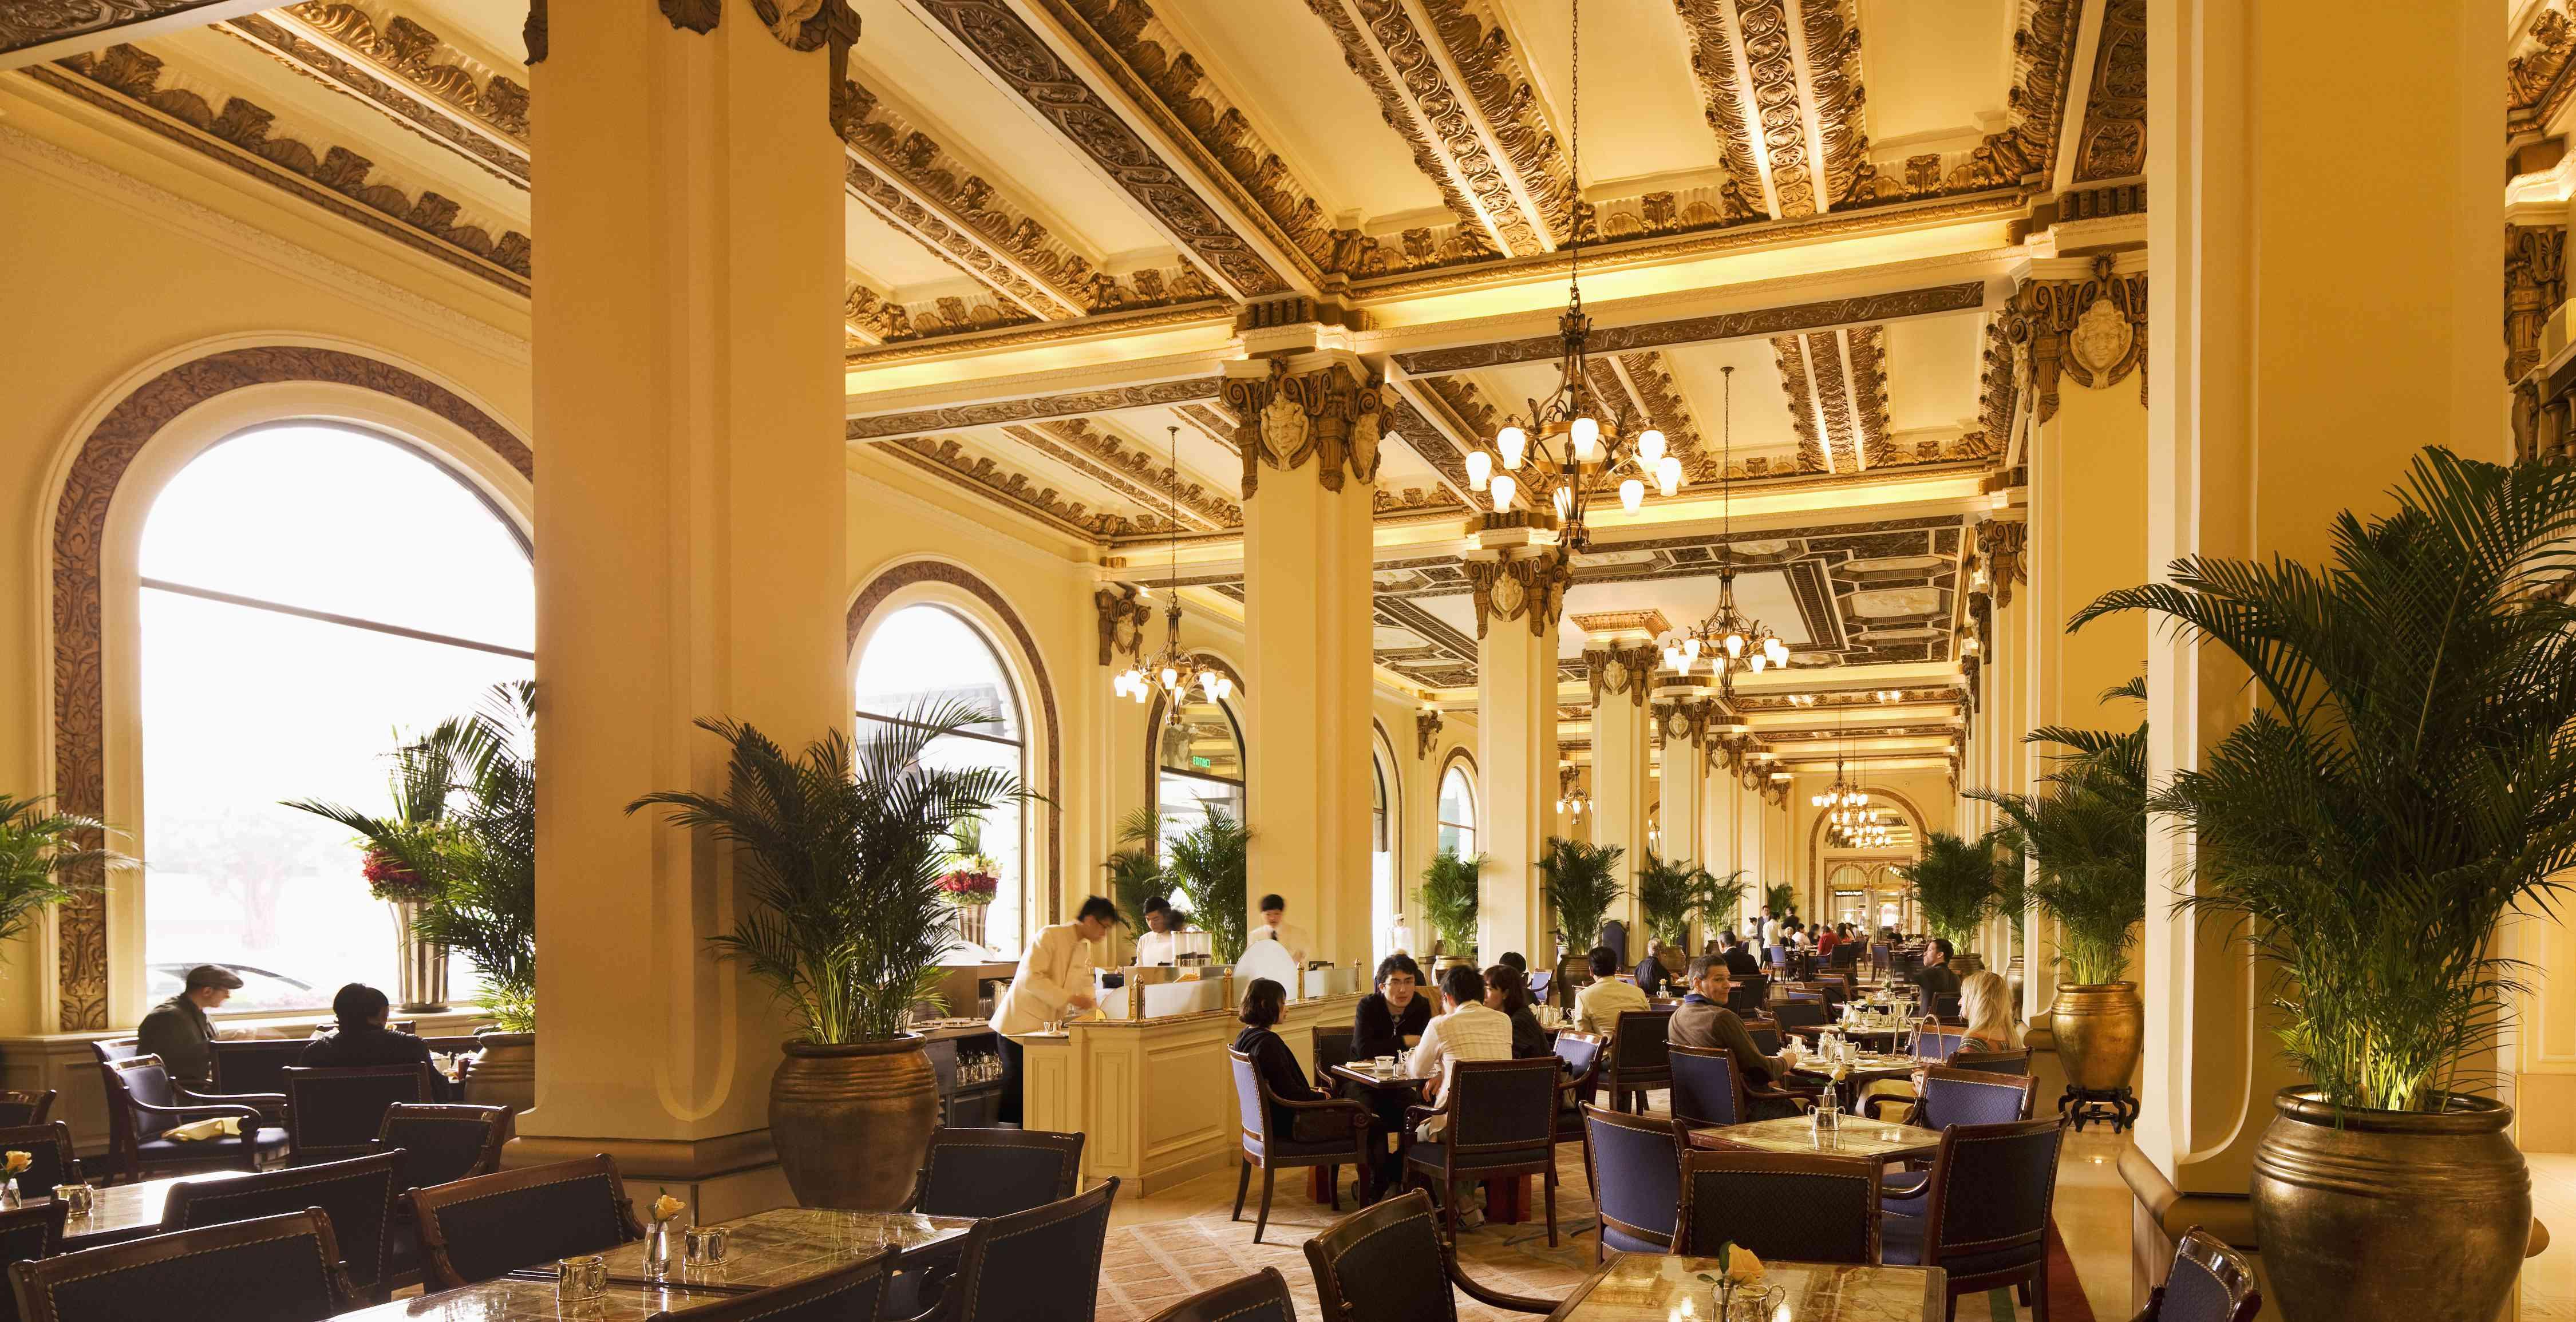 Interior of The Peninsula hotel Hong Kong